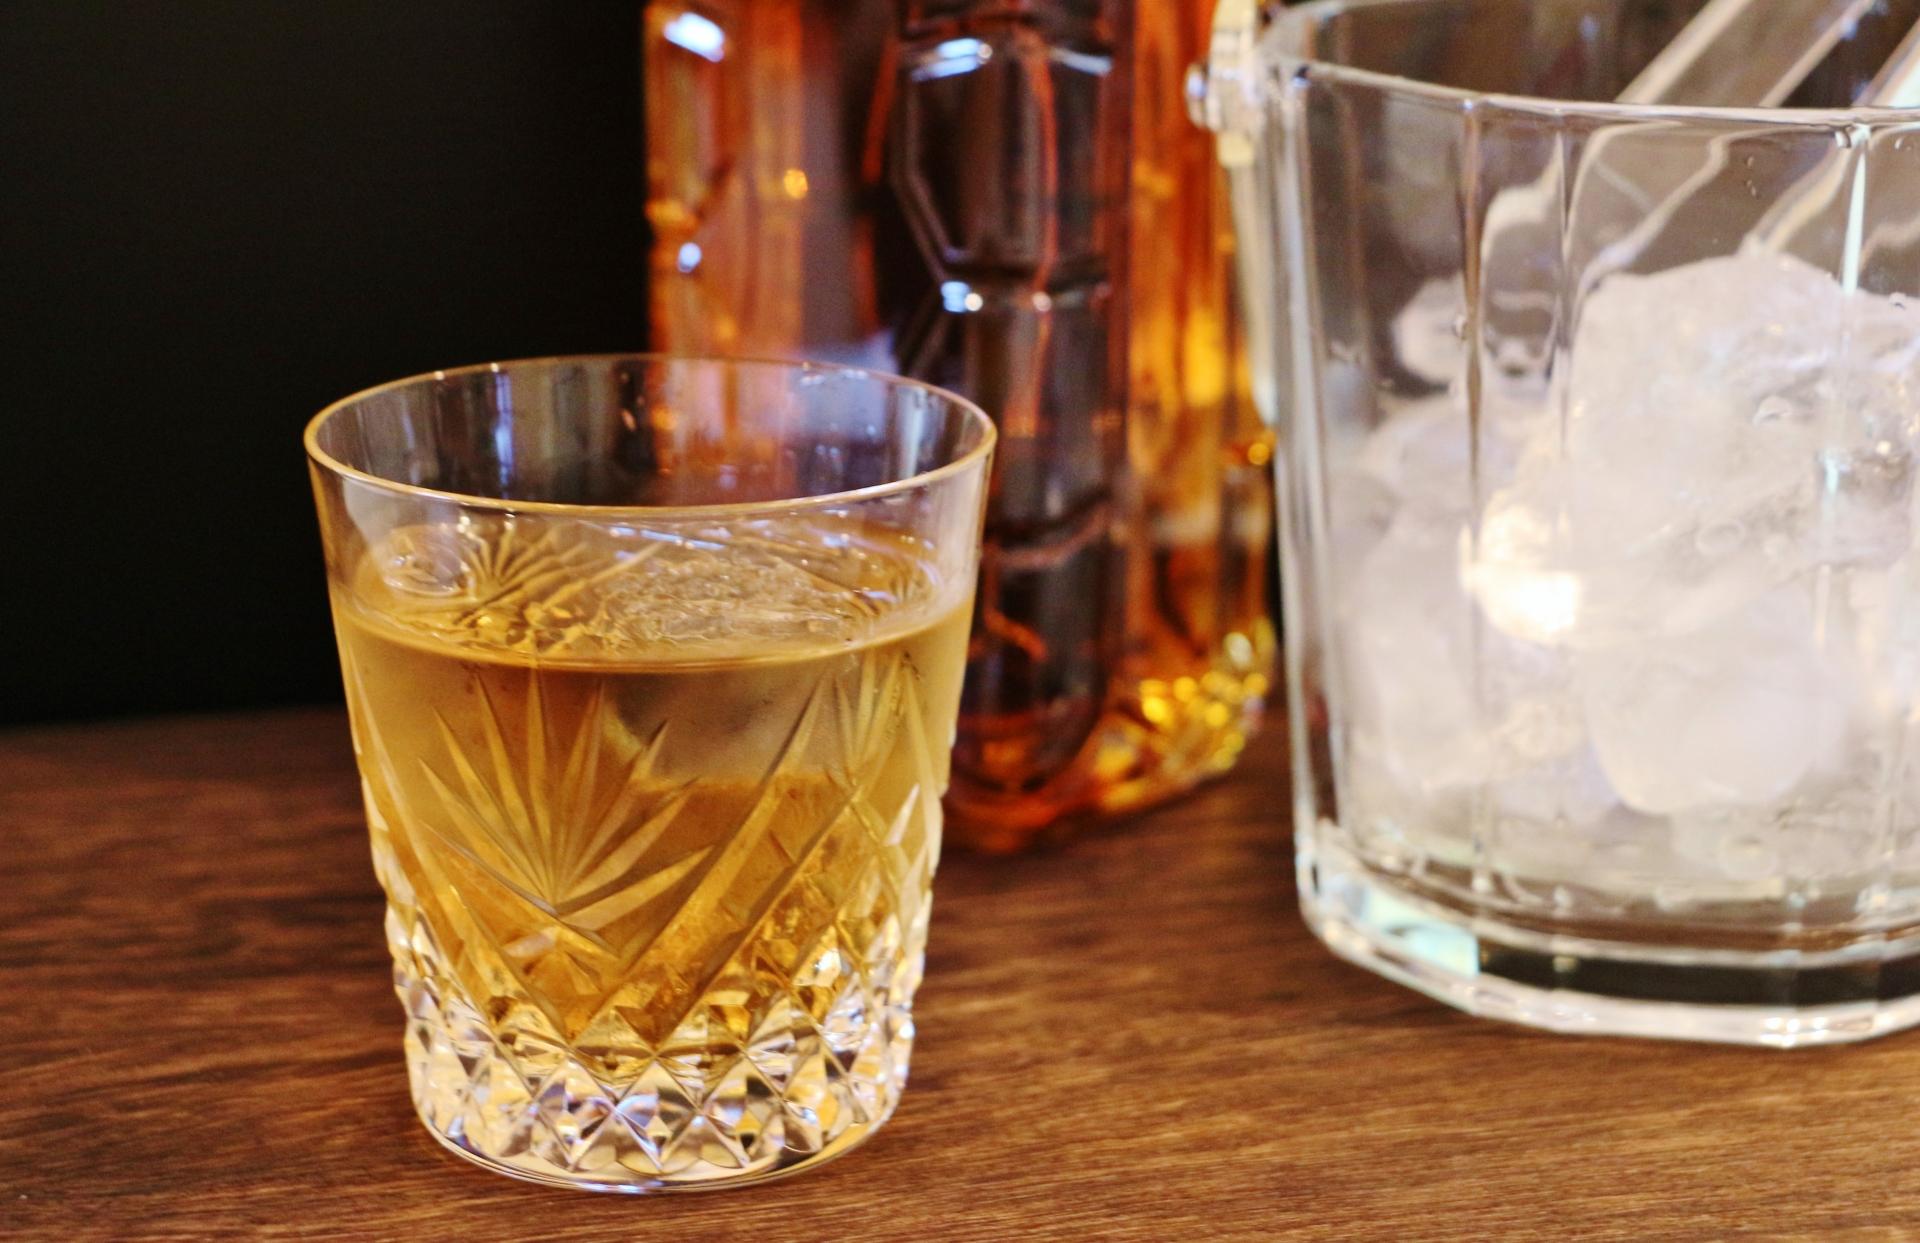 ウイスキーのおすすめ17選!初心者も飲みやすい人気ブランドを紹介